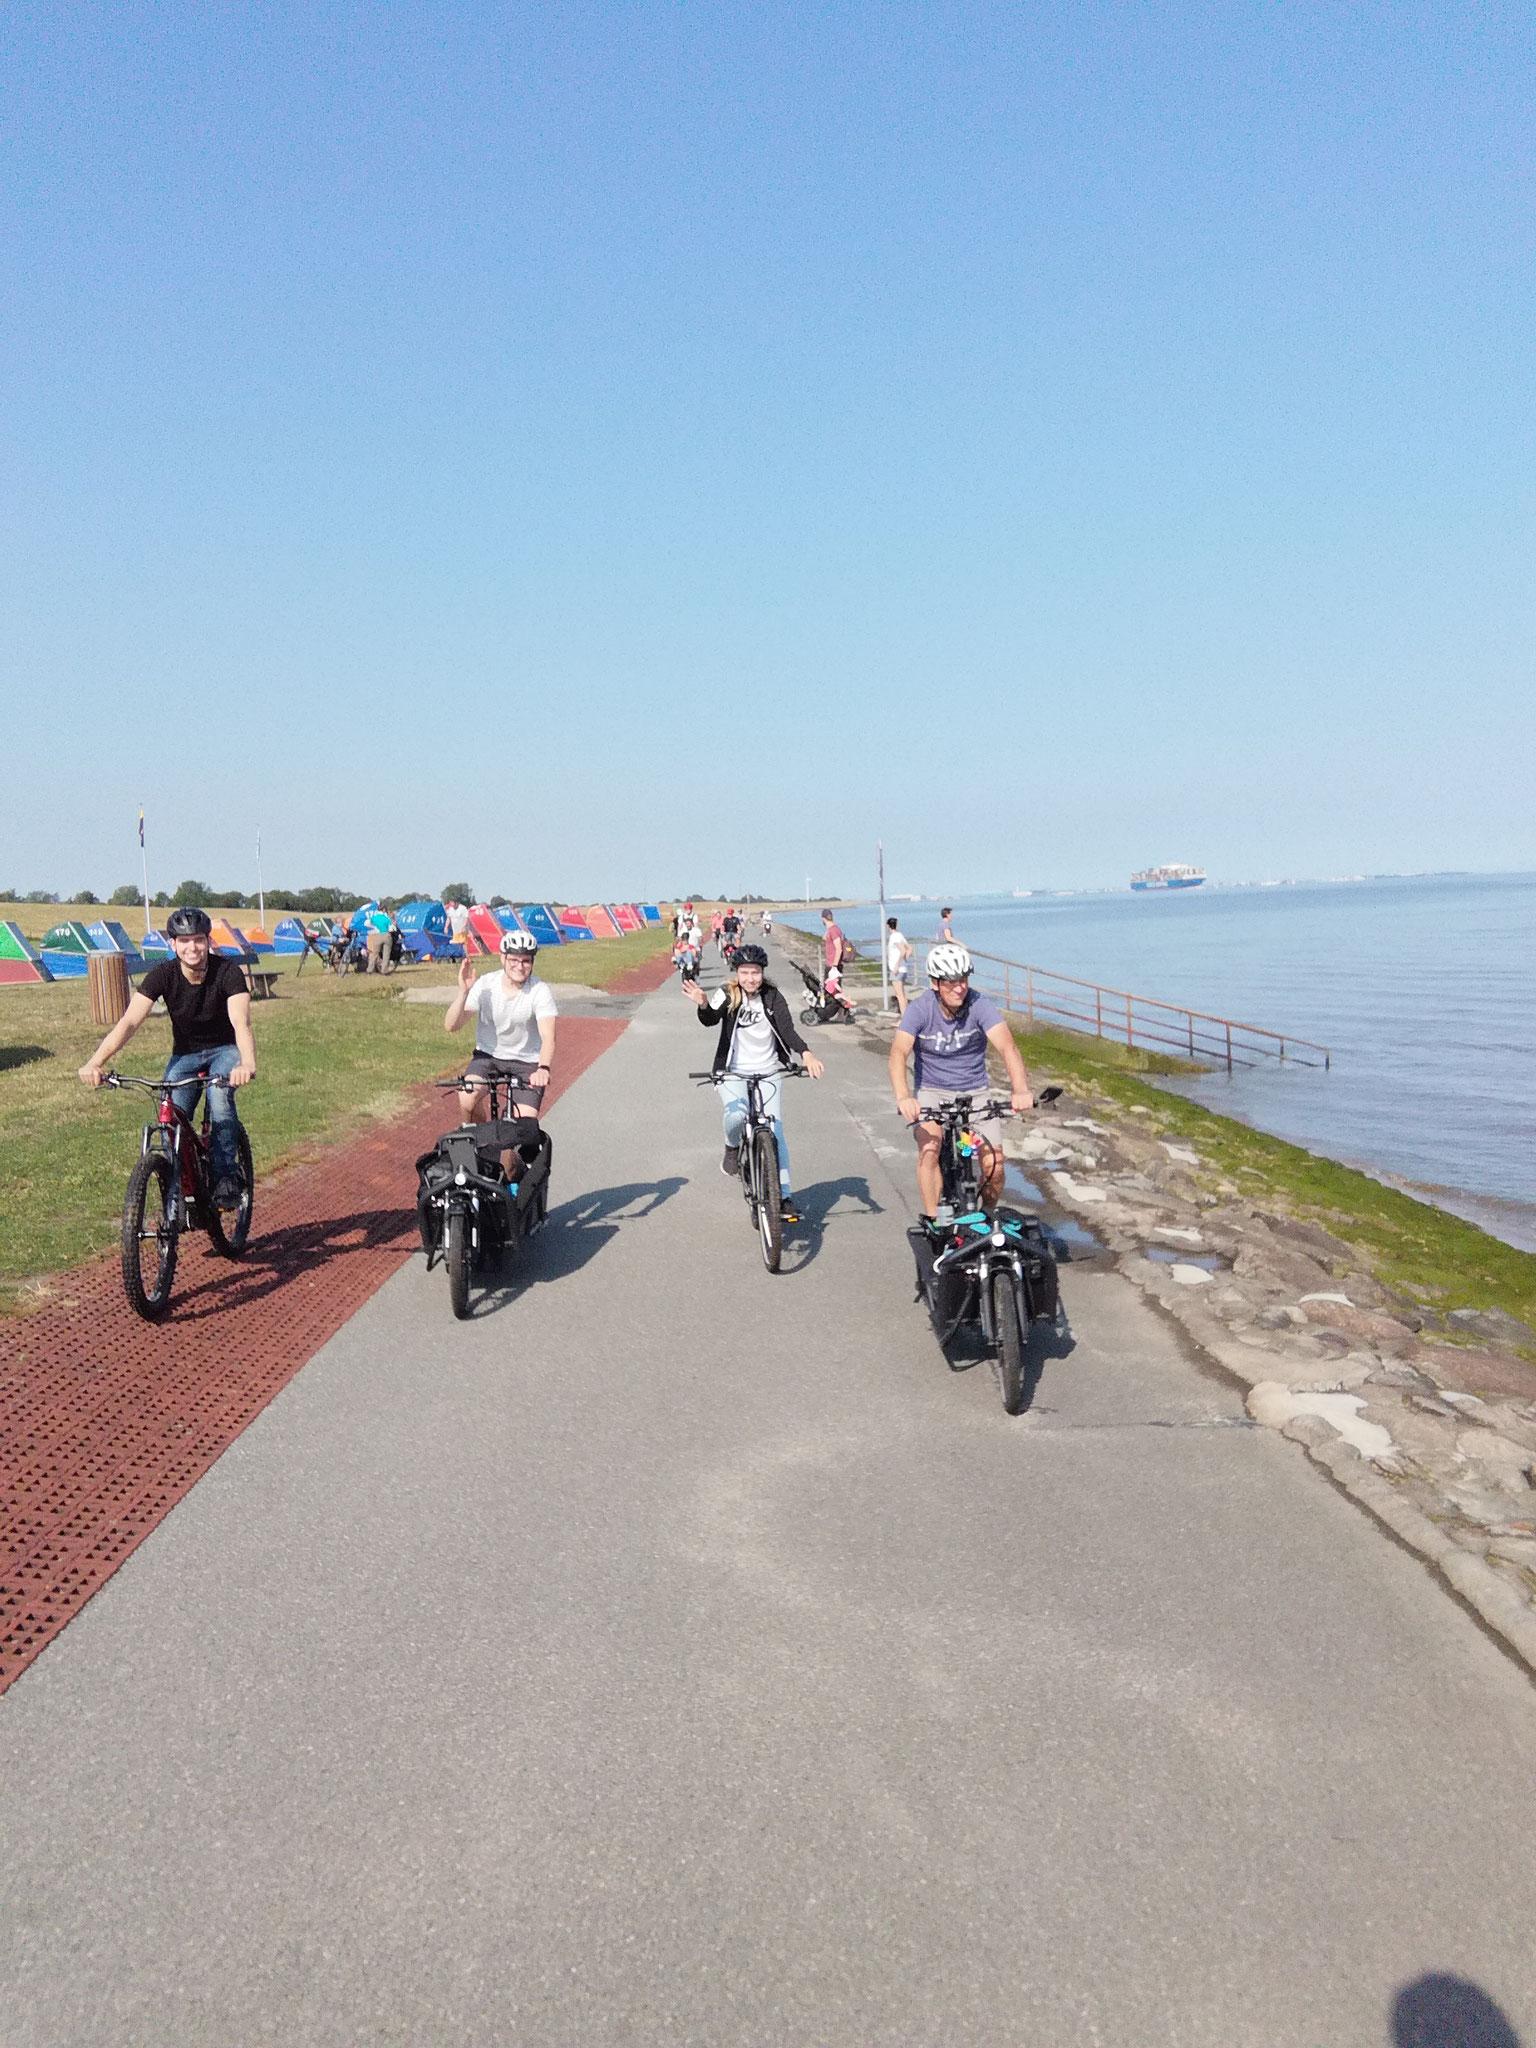 Radtouren ganz ohne Anstrengungen. Das lieben wir an Transporträdern. Es ist Platz für mehrere Taschen, ein Badehandtuch, den Picknickkorb und vieles mehr.